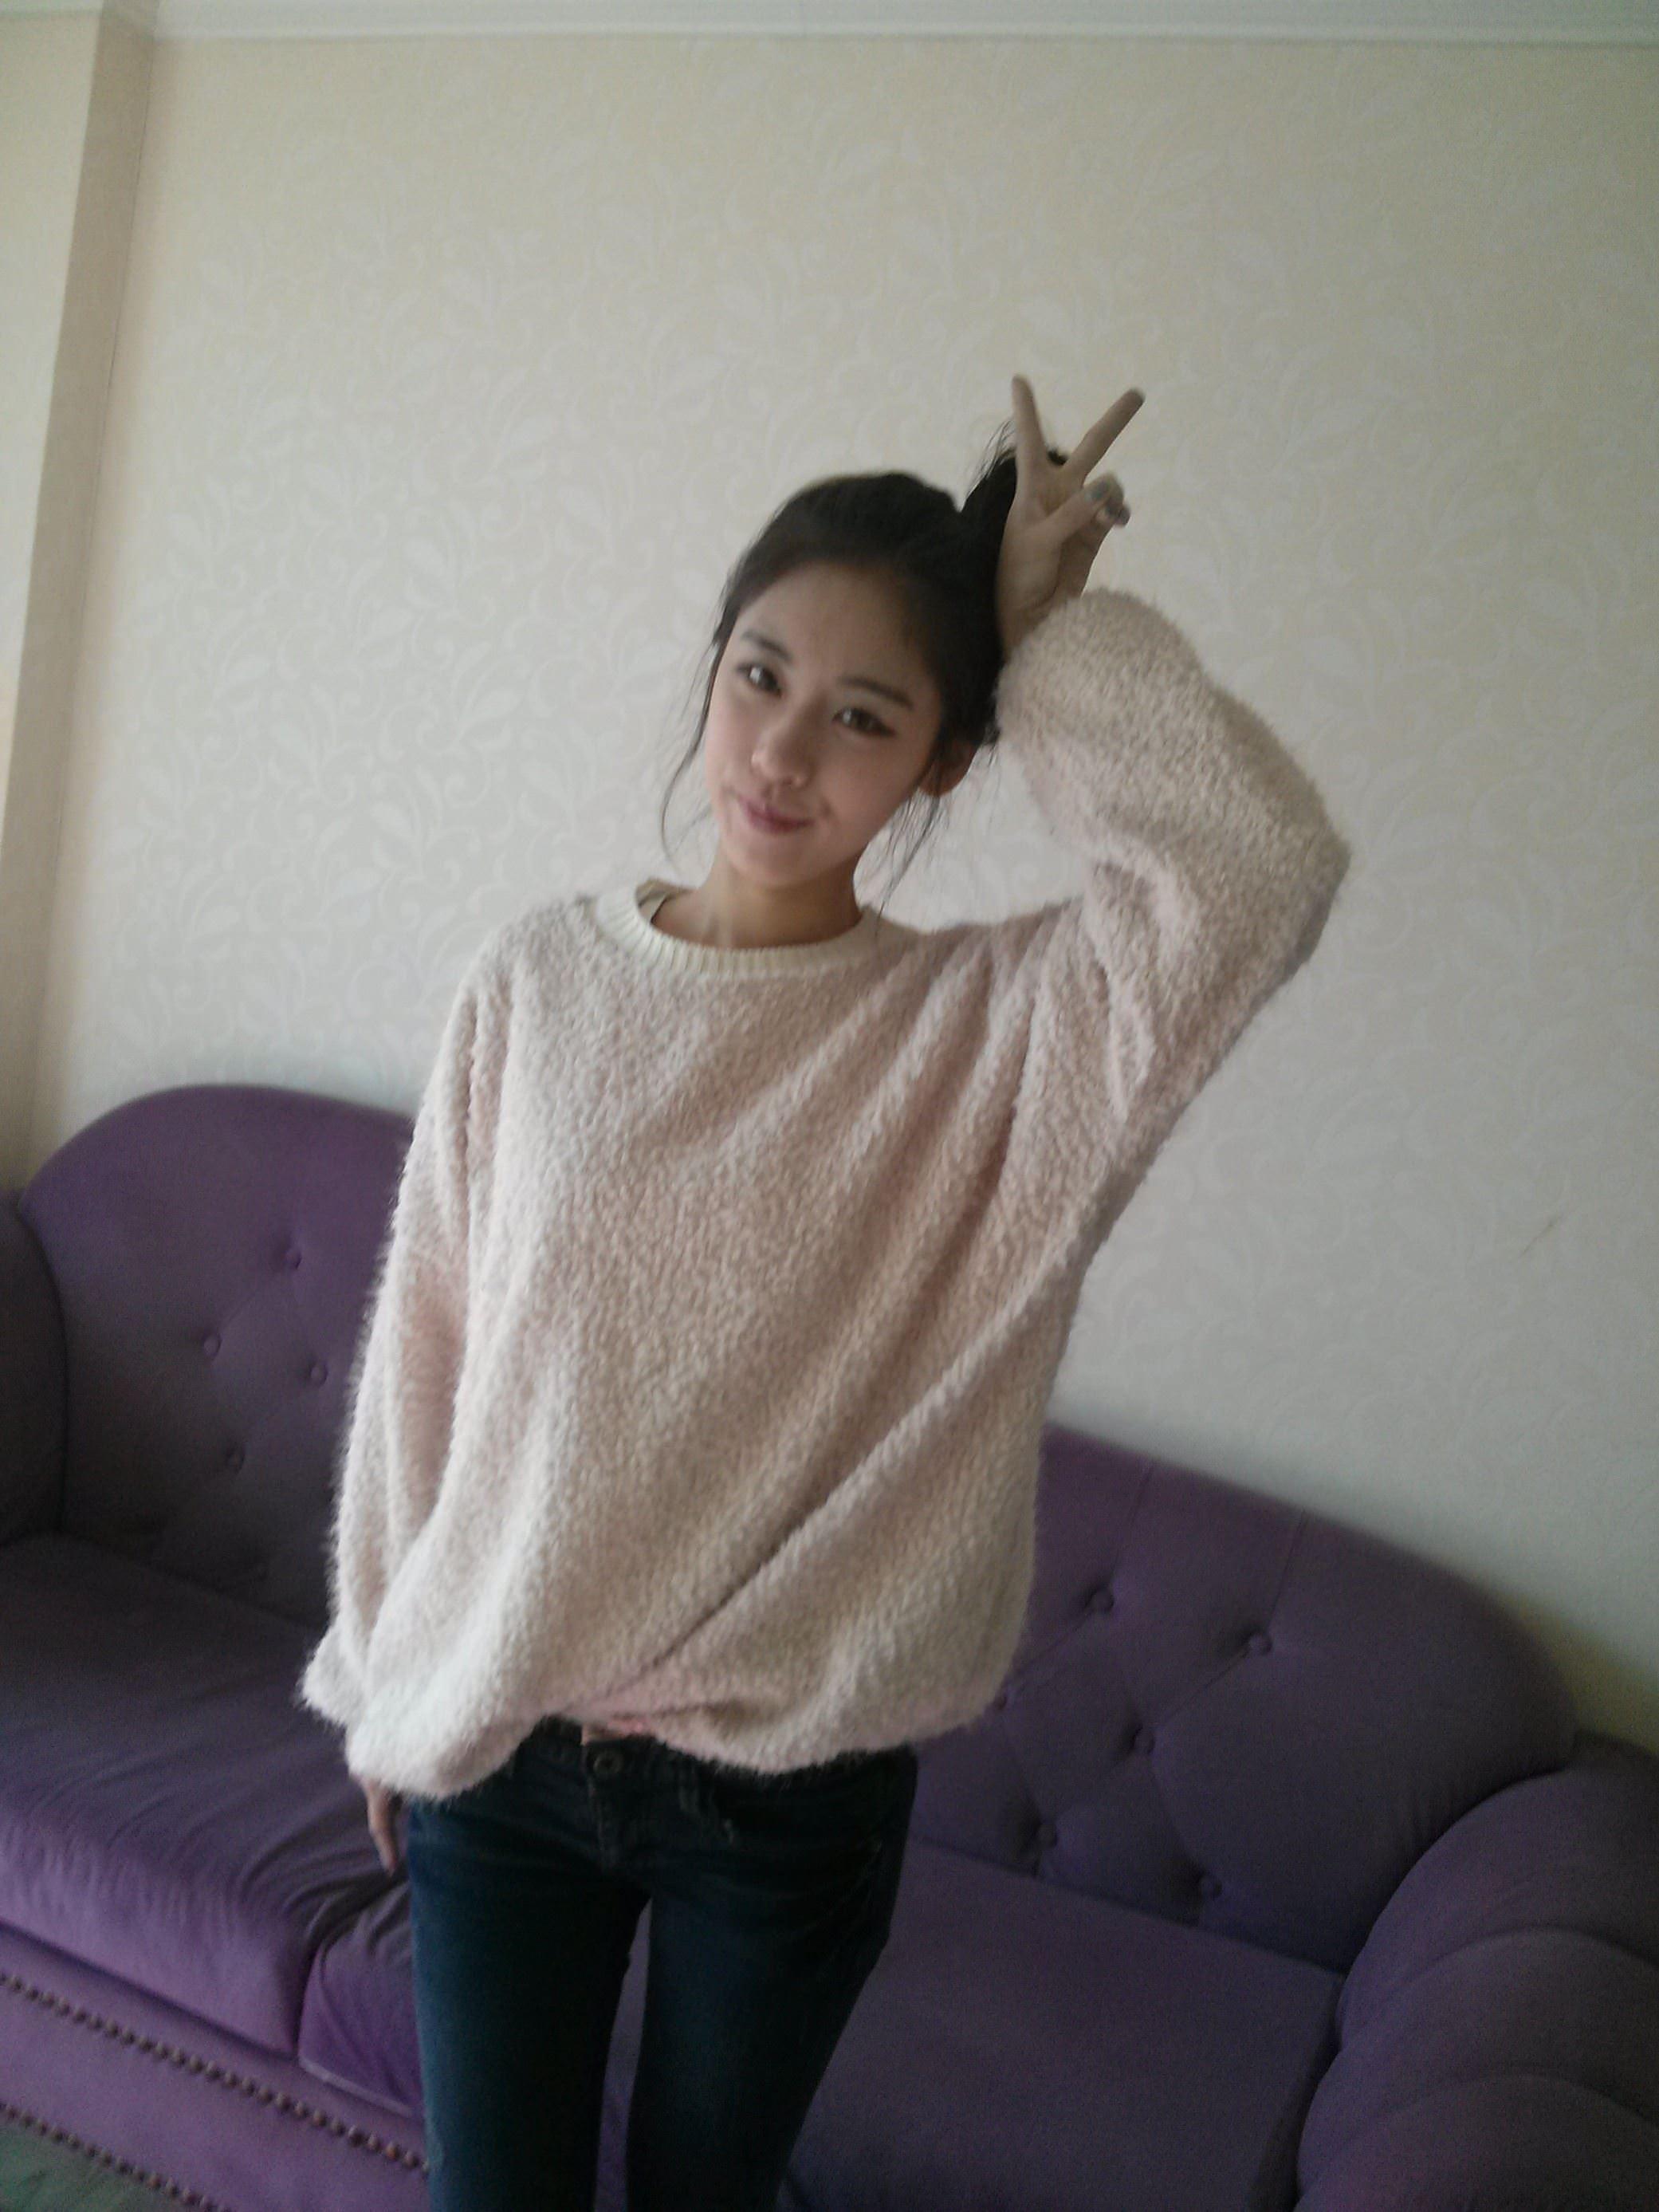 【外人】韓国人の激カワ素人娘が彼氏に勝手にエロ画像をネット公開されたポルノ画像 11073